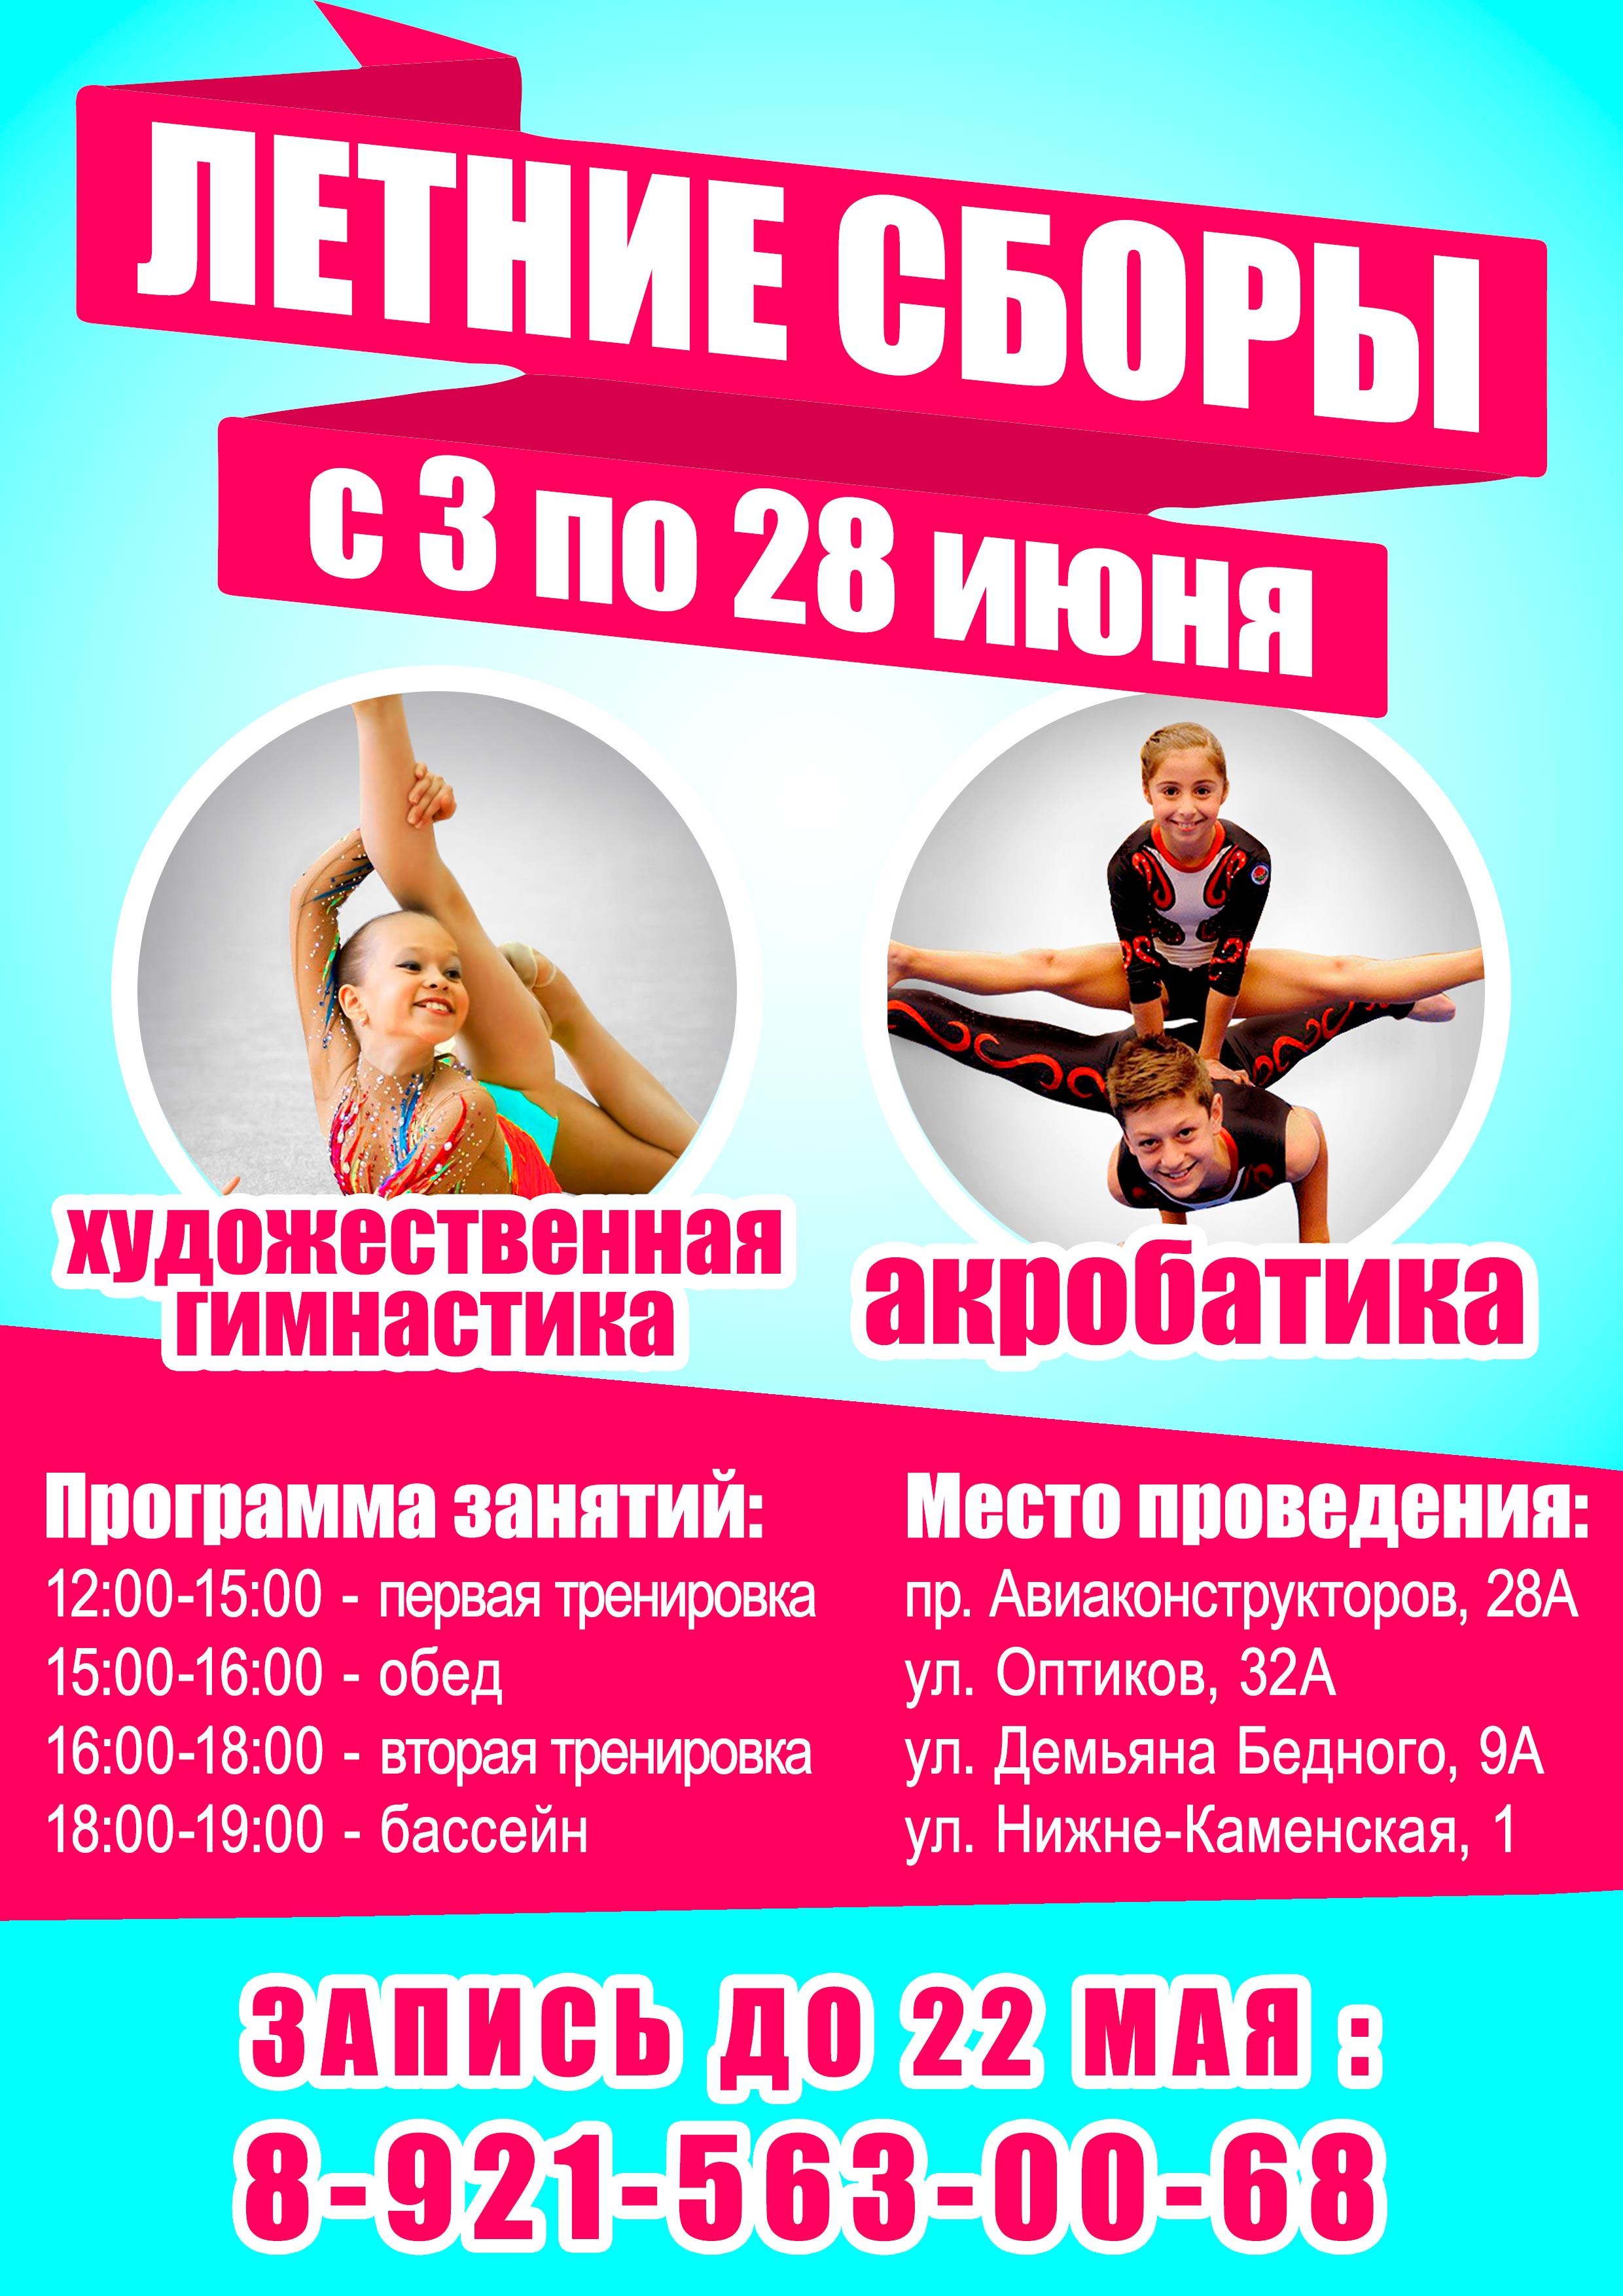 ЛЕТНИЕ УЧЕБНО-ТРЕНИРОВОЧНЫЕ СБОРЫ 2019!